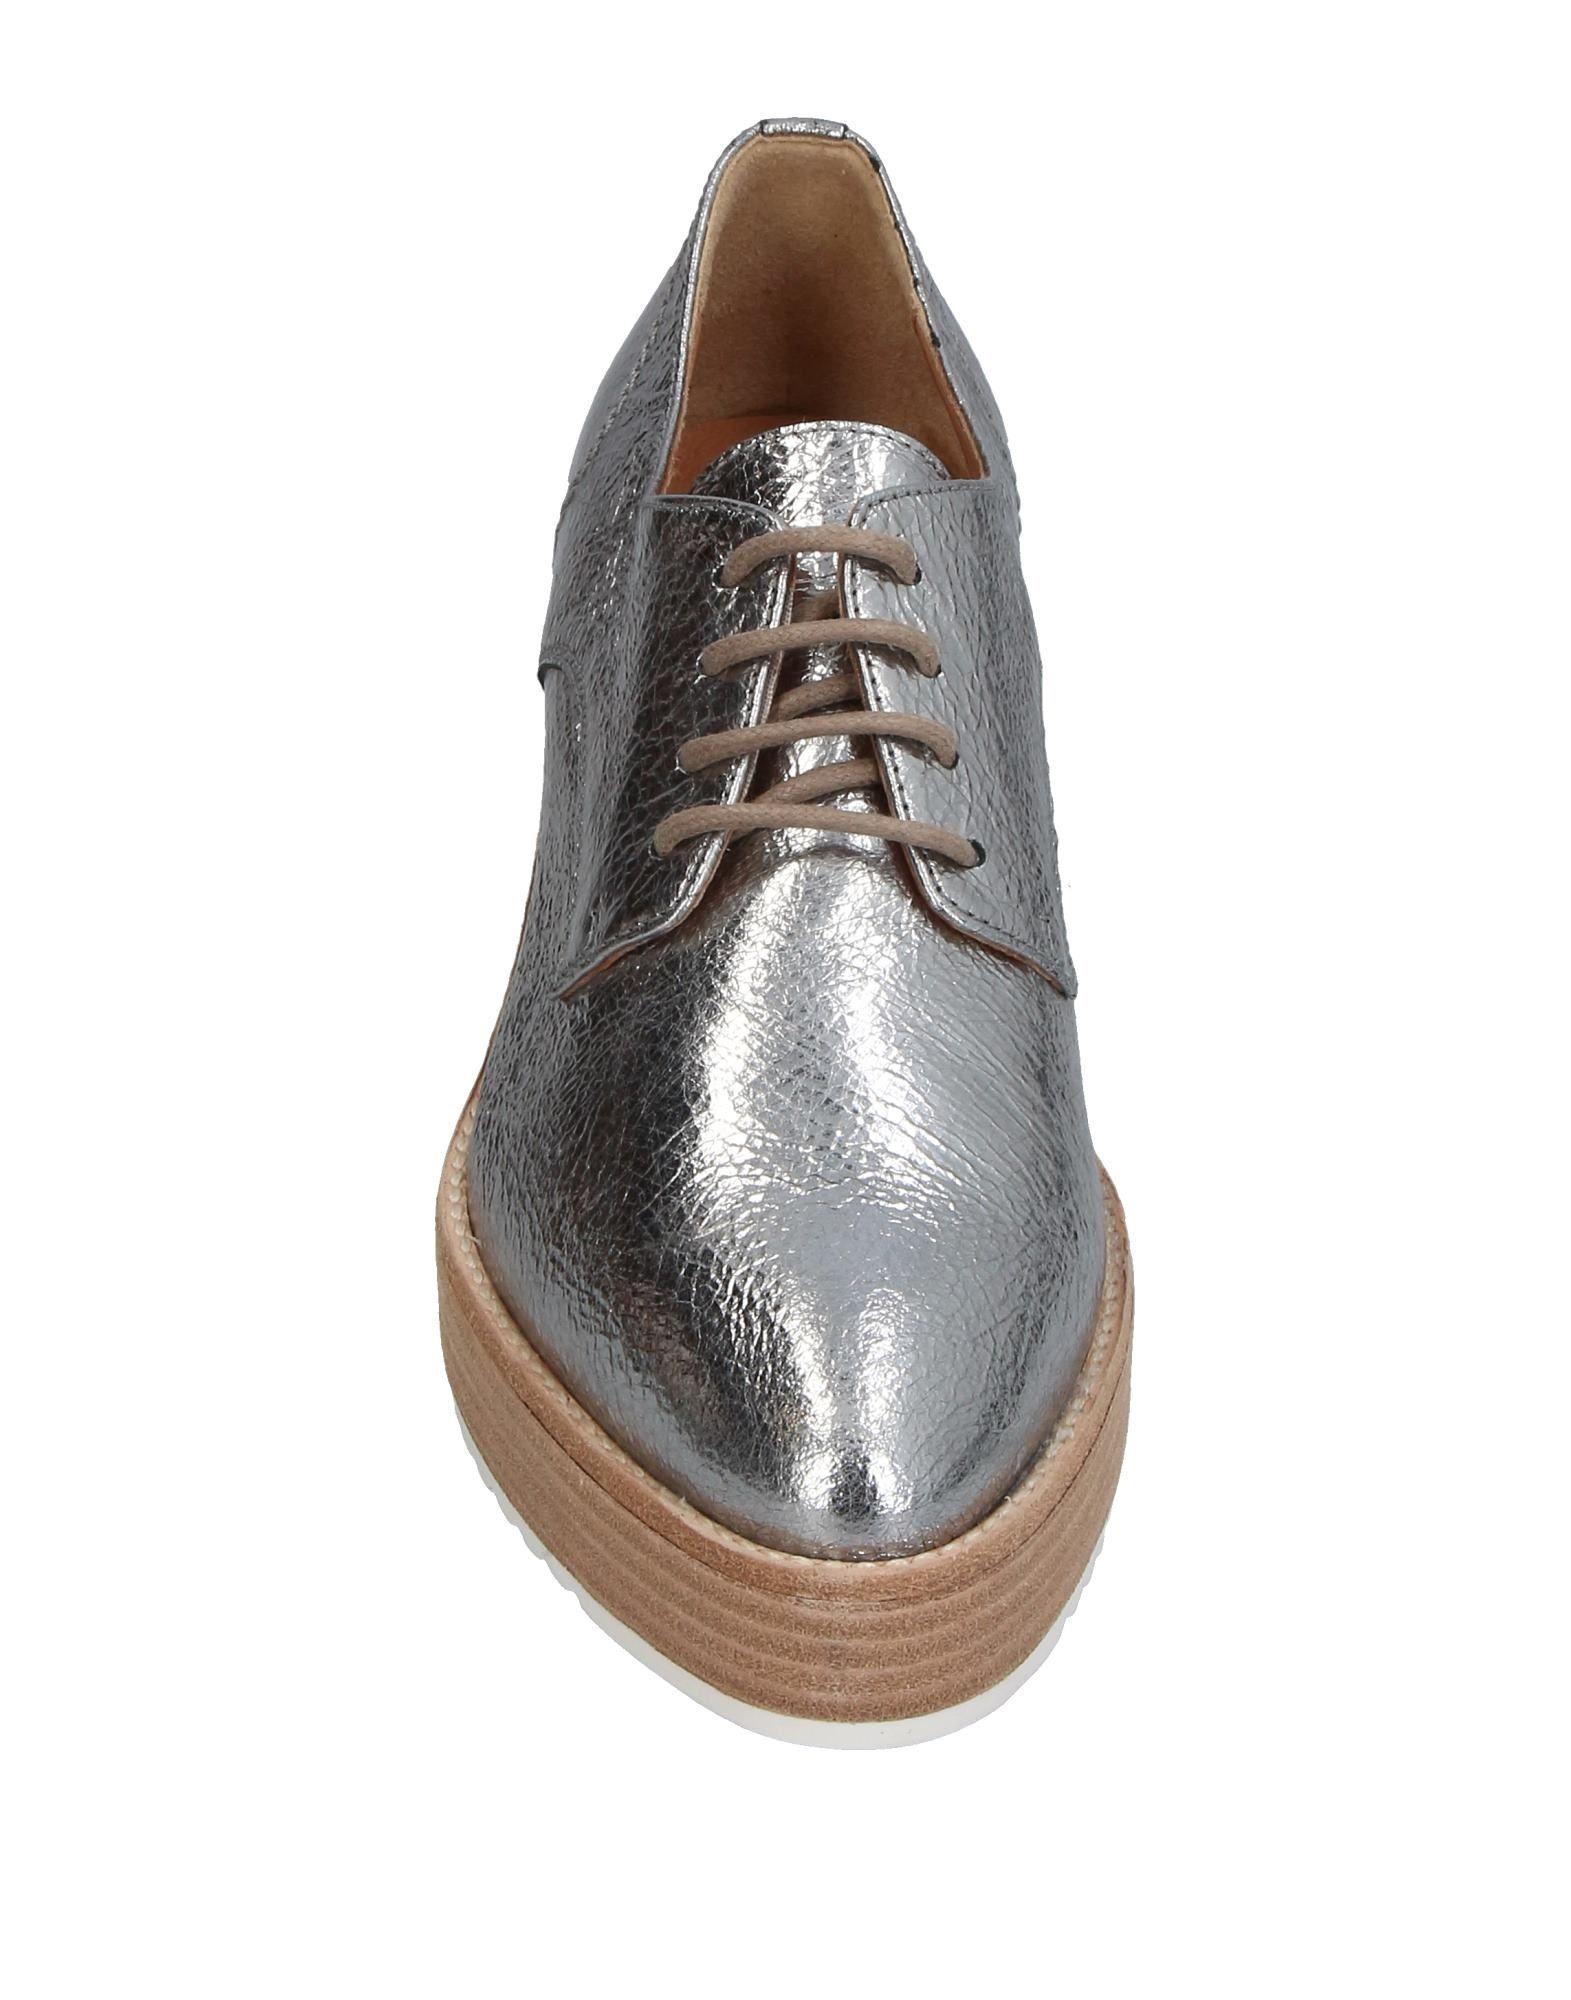 JANET SPORT Chaussures à lacets femme. qw3PT6Dr